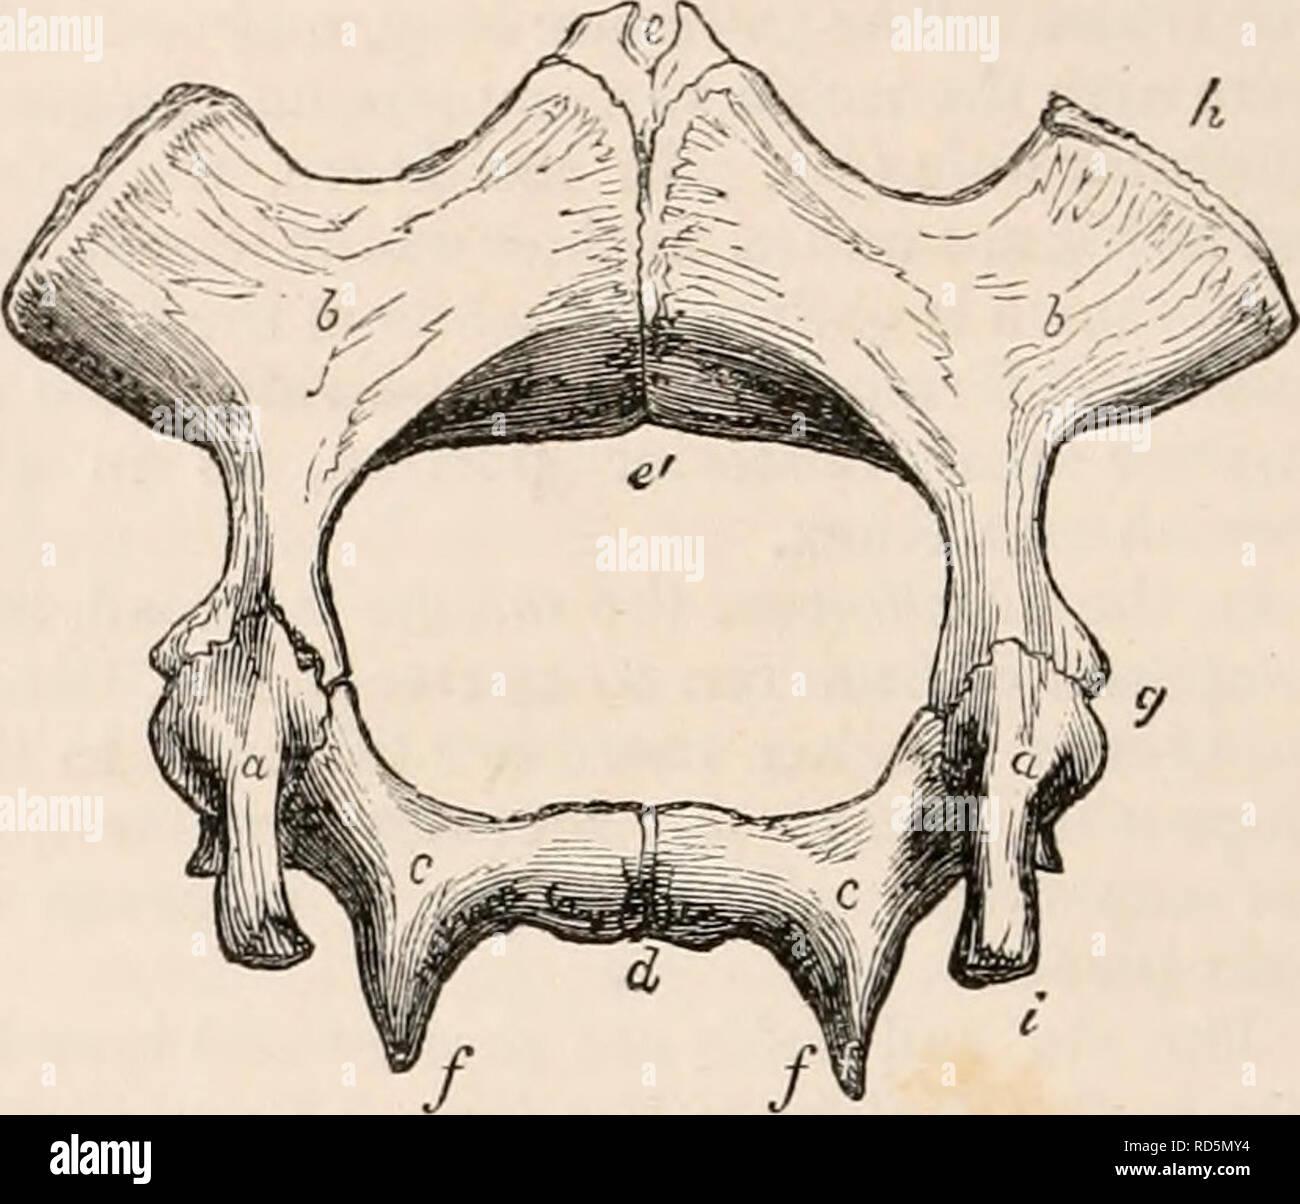 Die Cyclopaedia Von Anatomie Und Physiologie Anatomie Physiologie